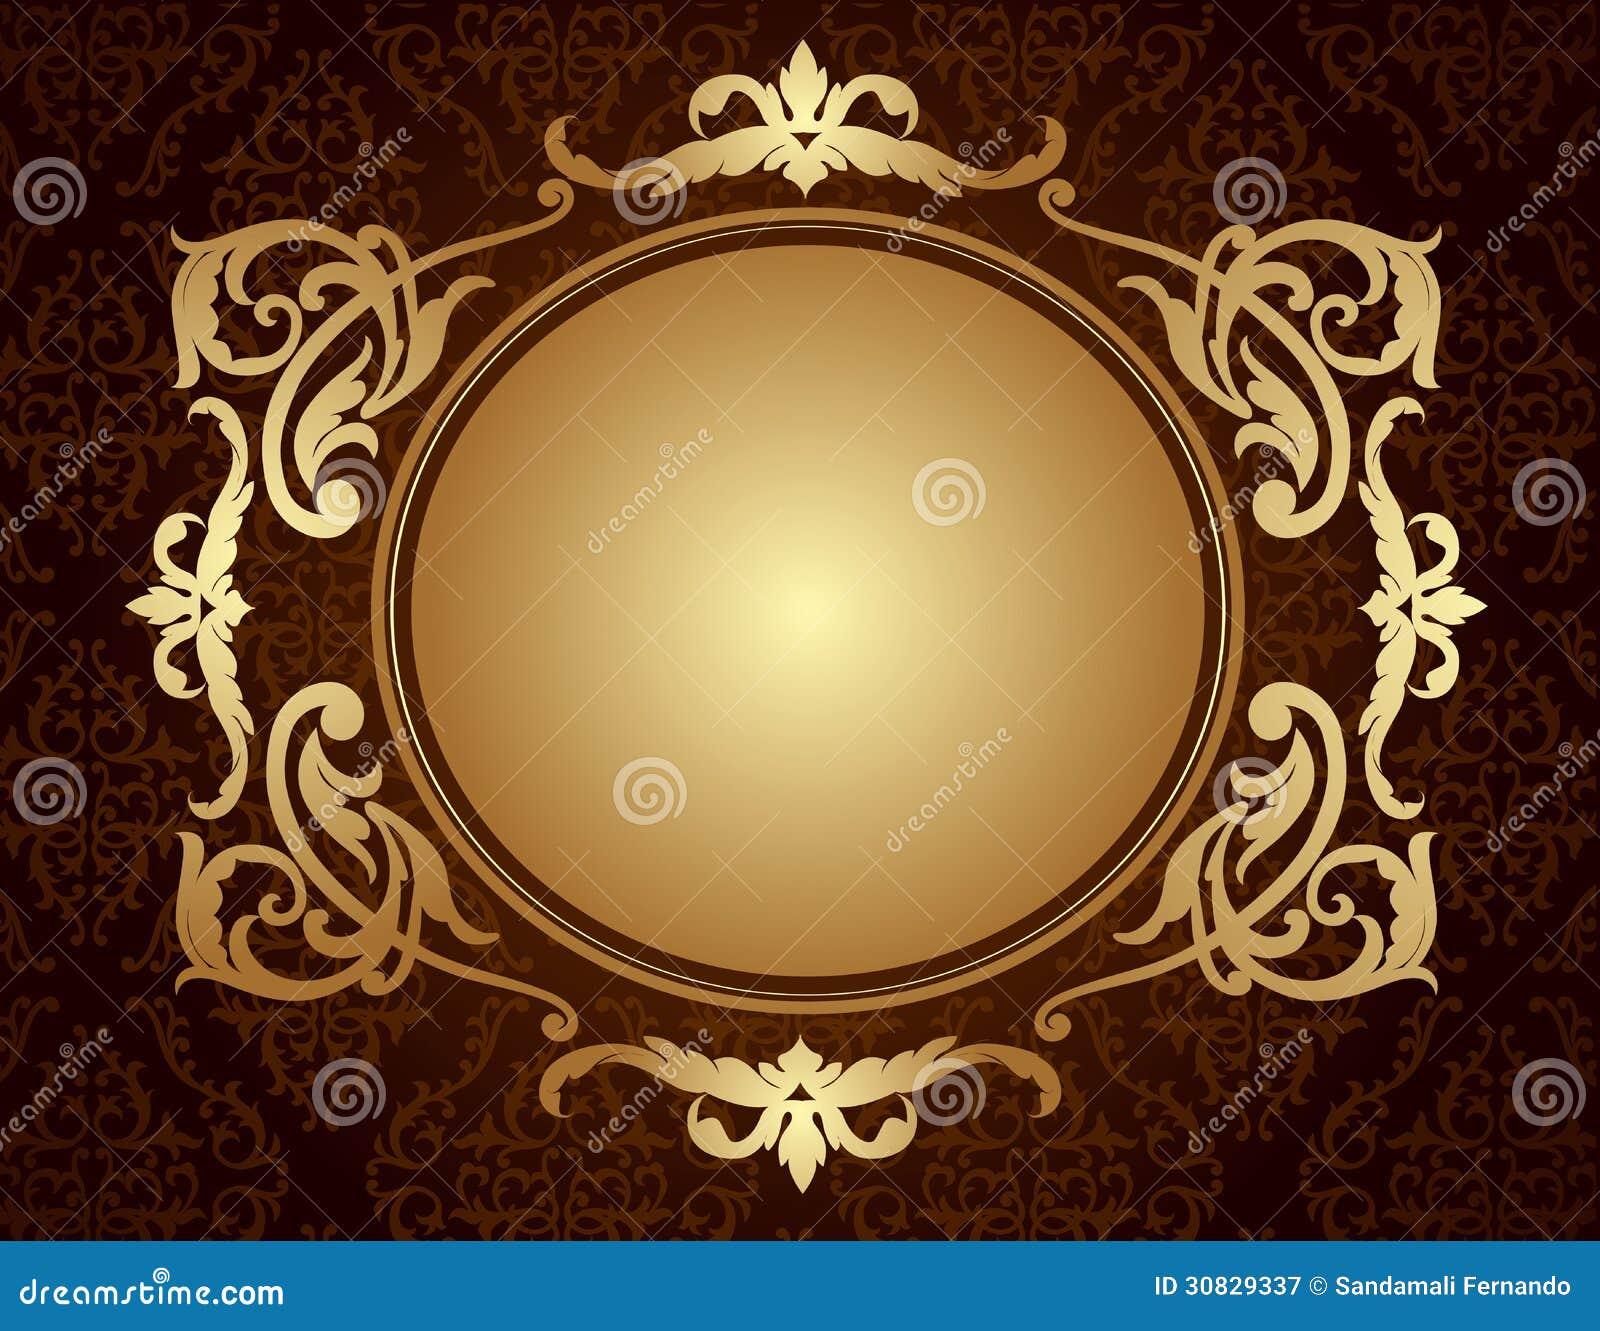 Gold Frame On Brown Damask Pattern Background Illustration 30829337